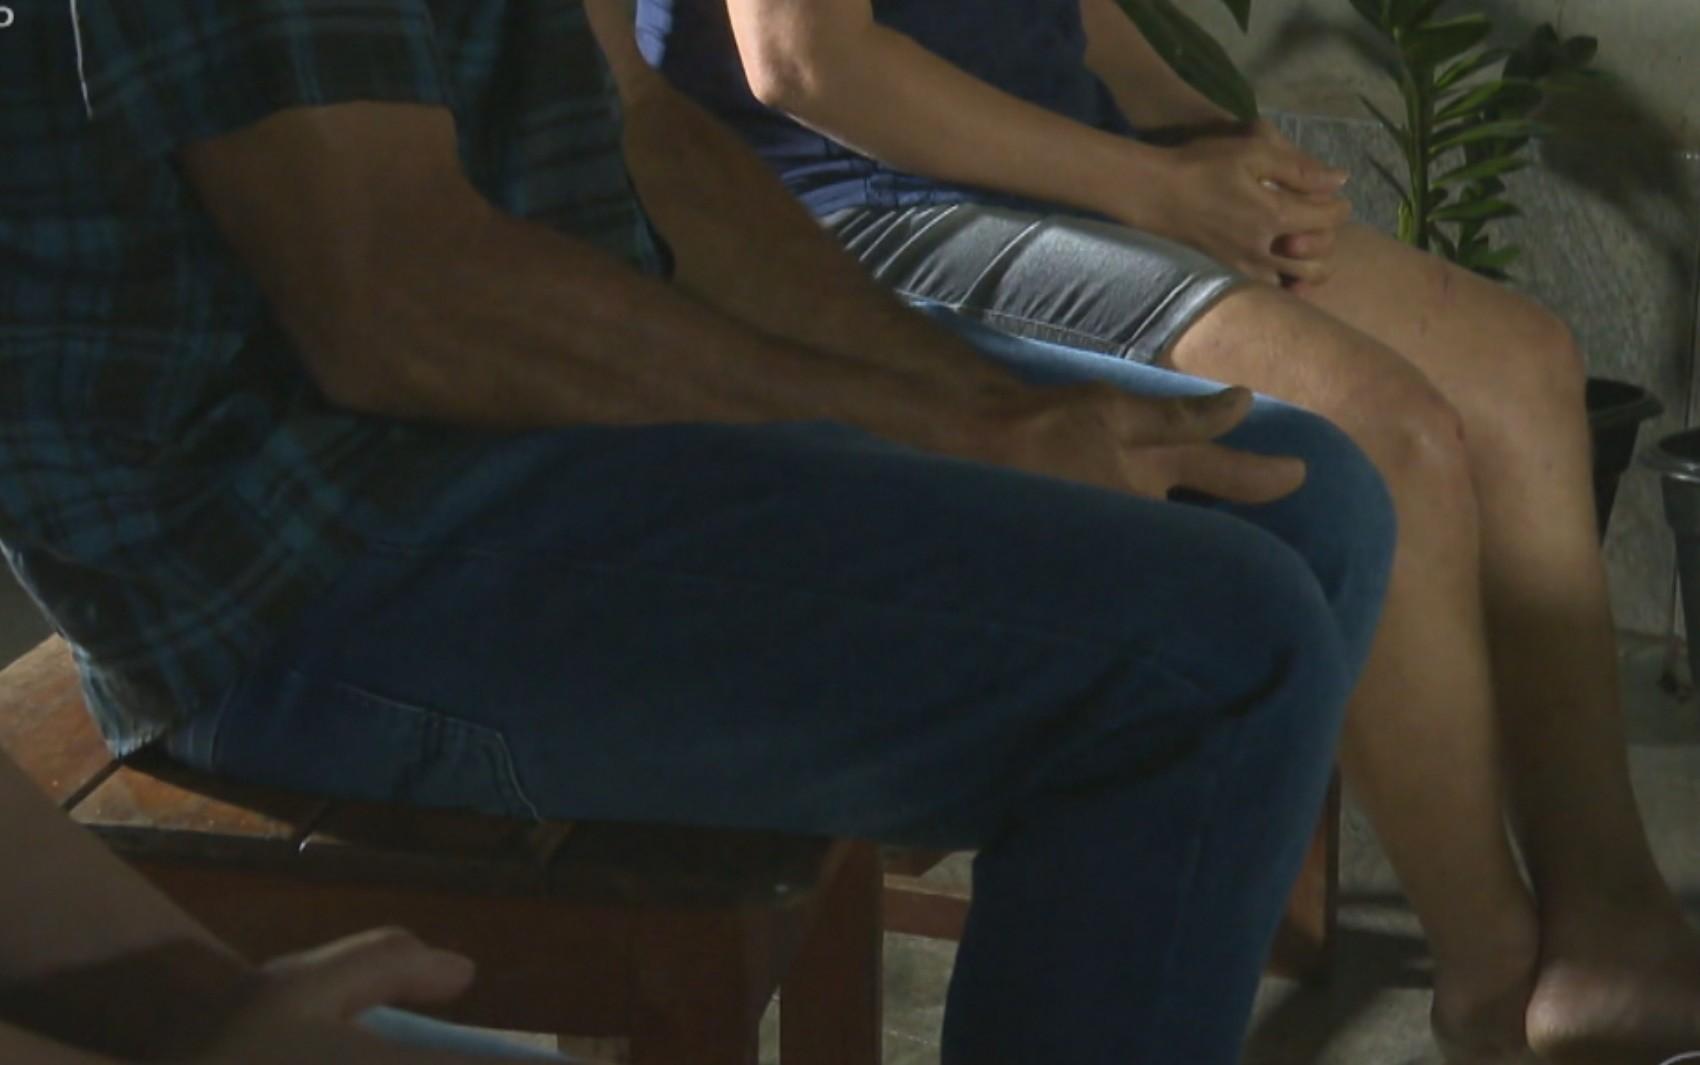 Família feita refém revela que Lázaro exigiu que andassem em córrego para não deixar rastros: 'Se pisar na areia, morrem'